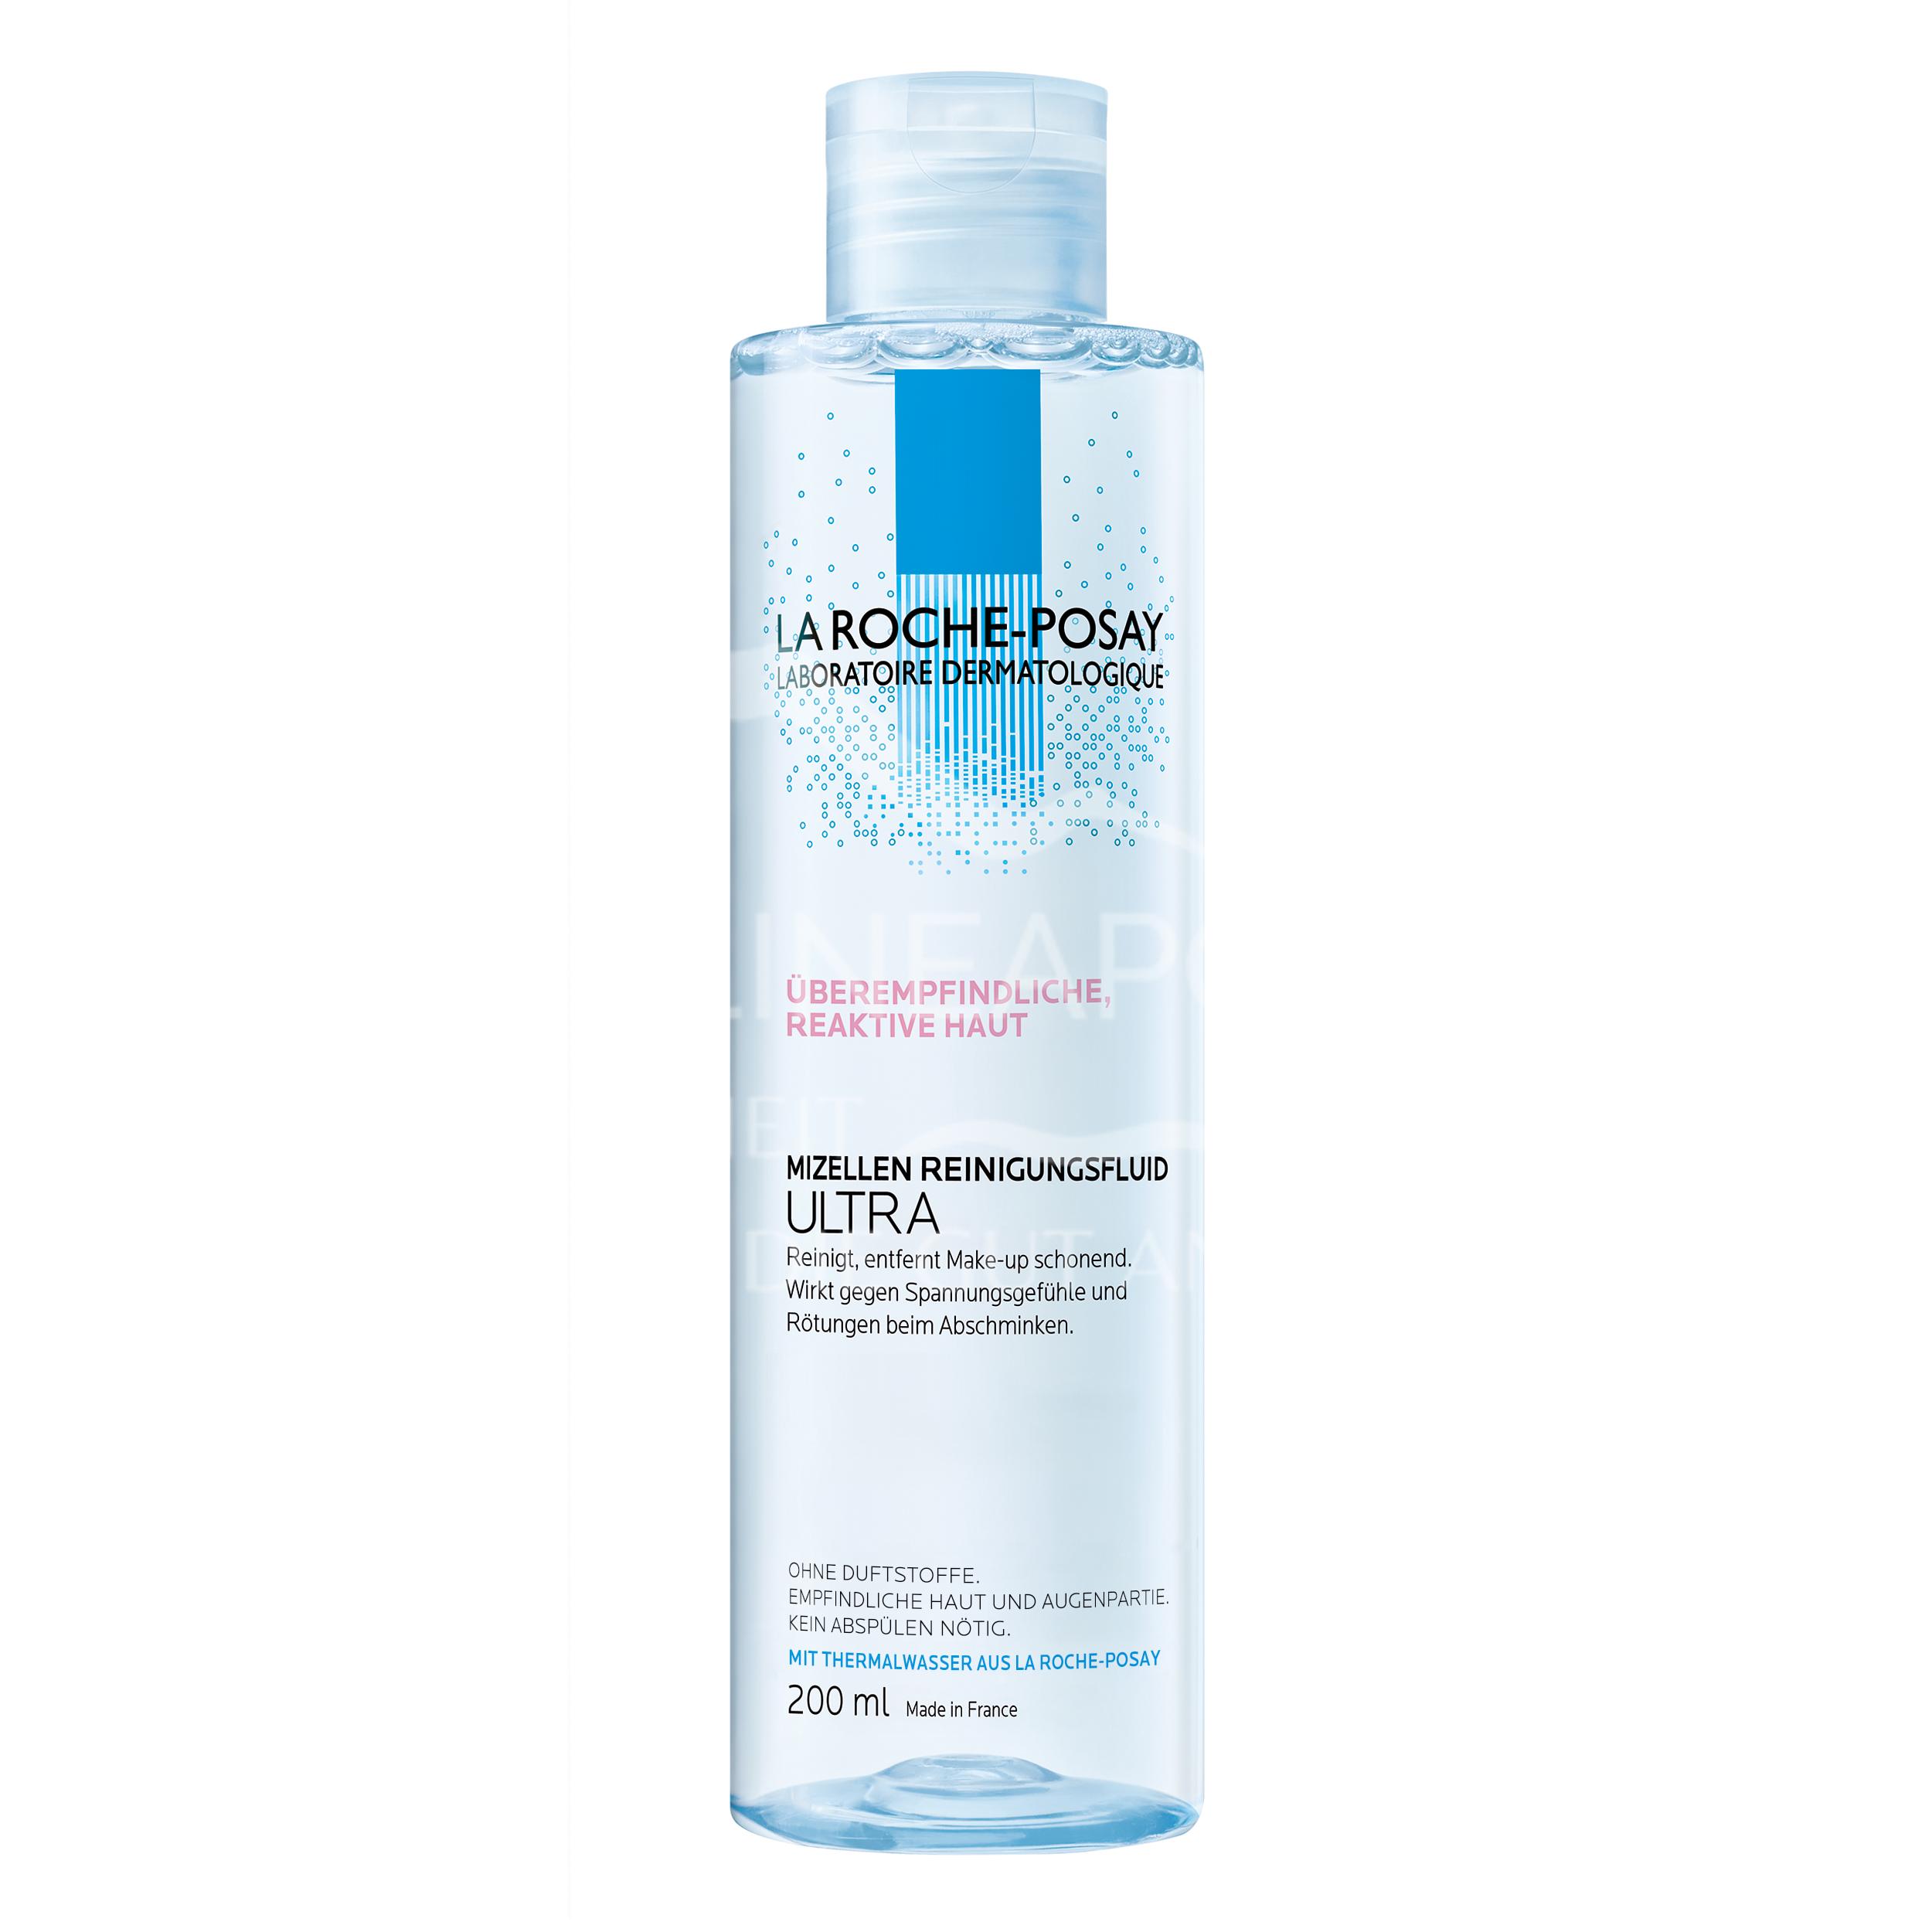 La Roche-Posay Mizellen Reinigungsfluid Ultra Reaktive Haut